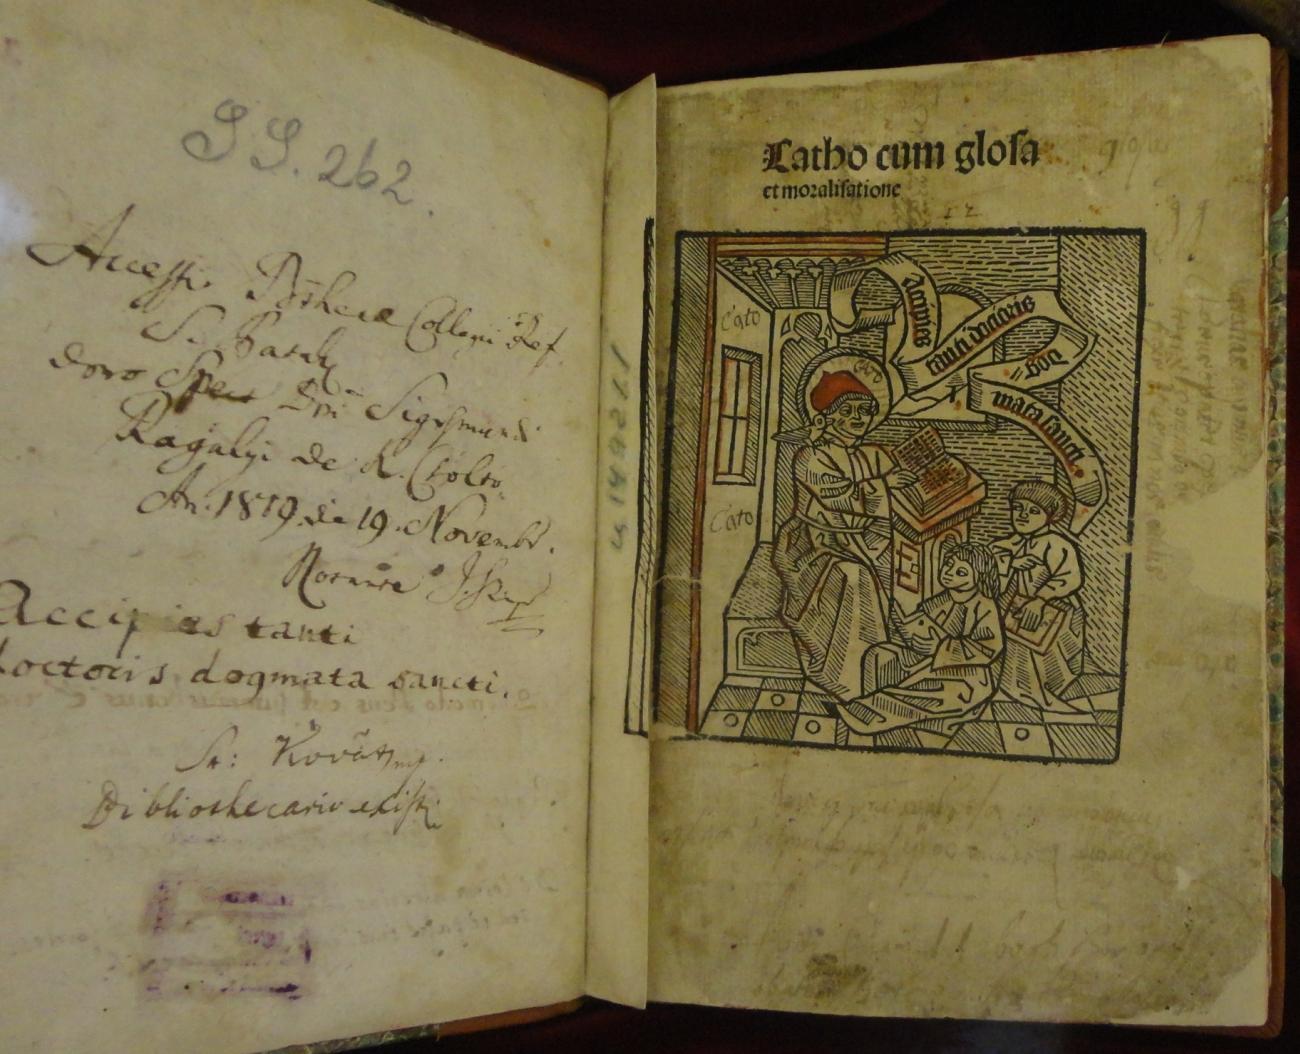 Egy ősnyomtatvány illusztrációja, a mester tanítja diákjait, Sárospataki Református Kollégium Nagykönyvtár [TINTA Könyvkiadó]